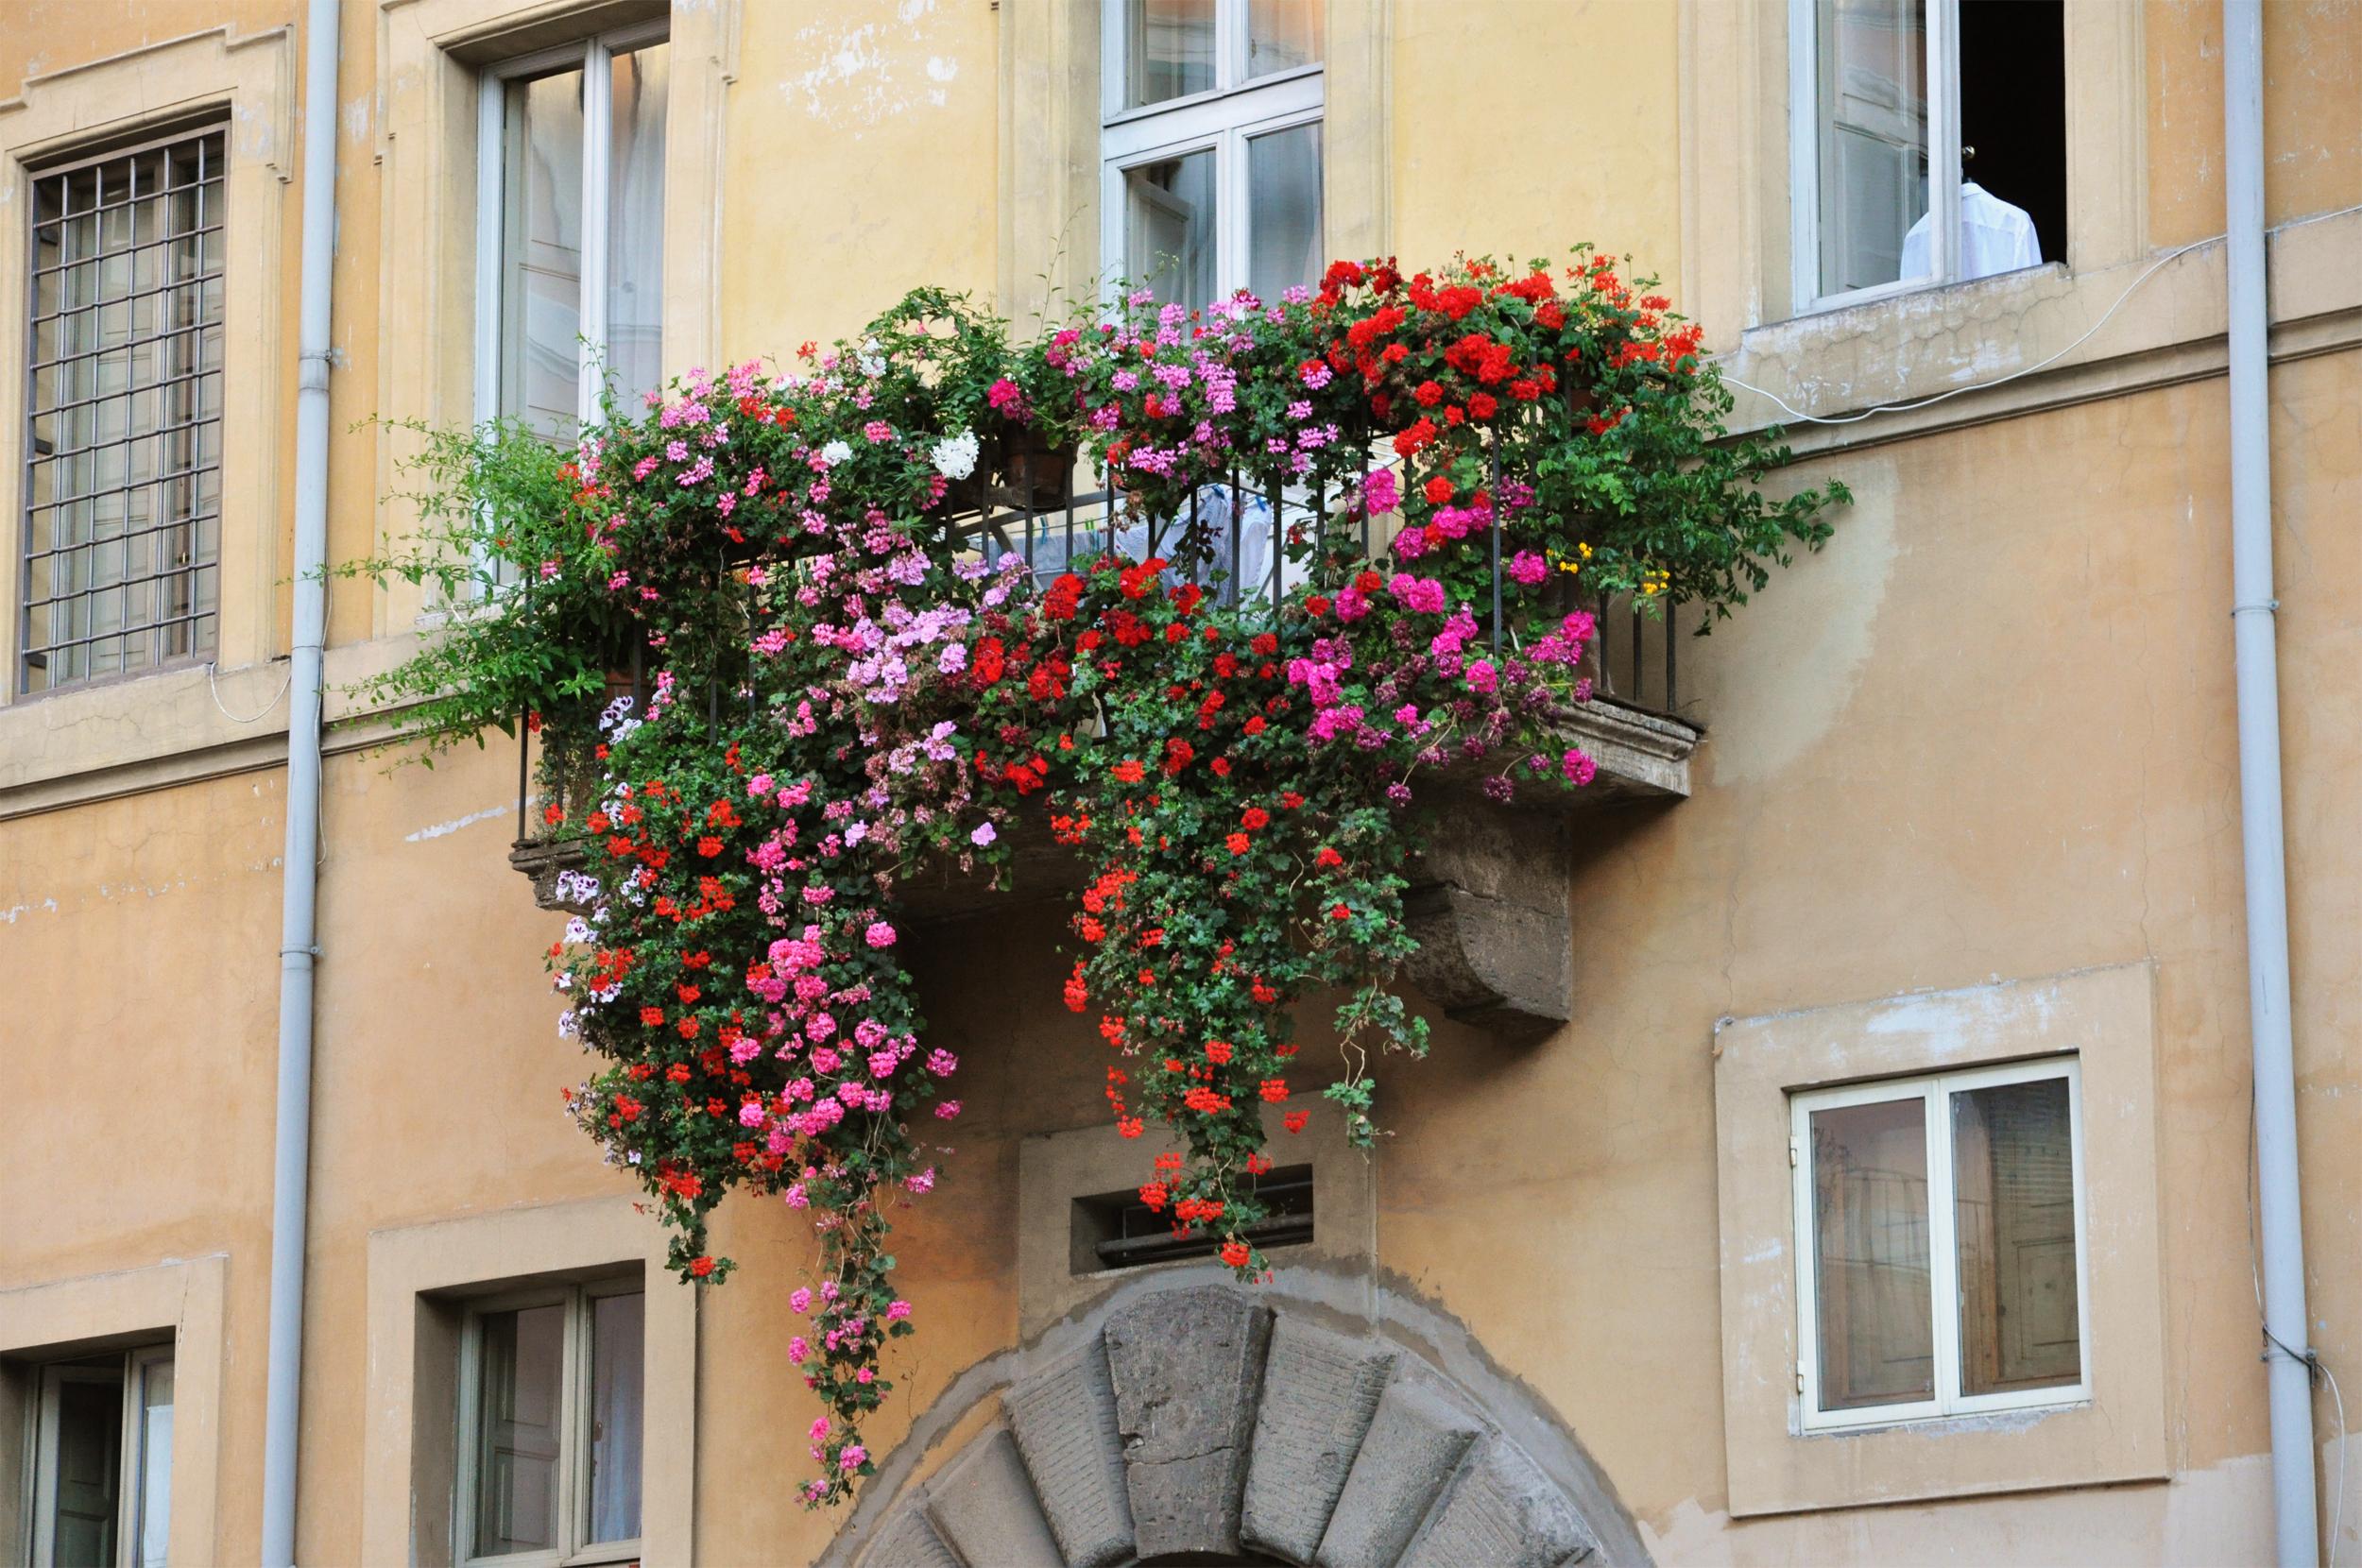 Цветущие балконы - каждый может сделать что-то хорошее..